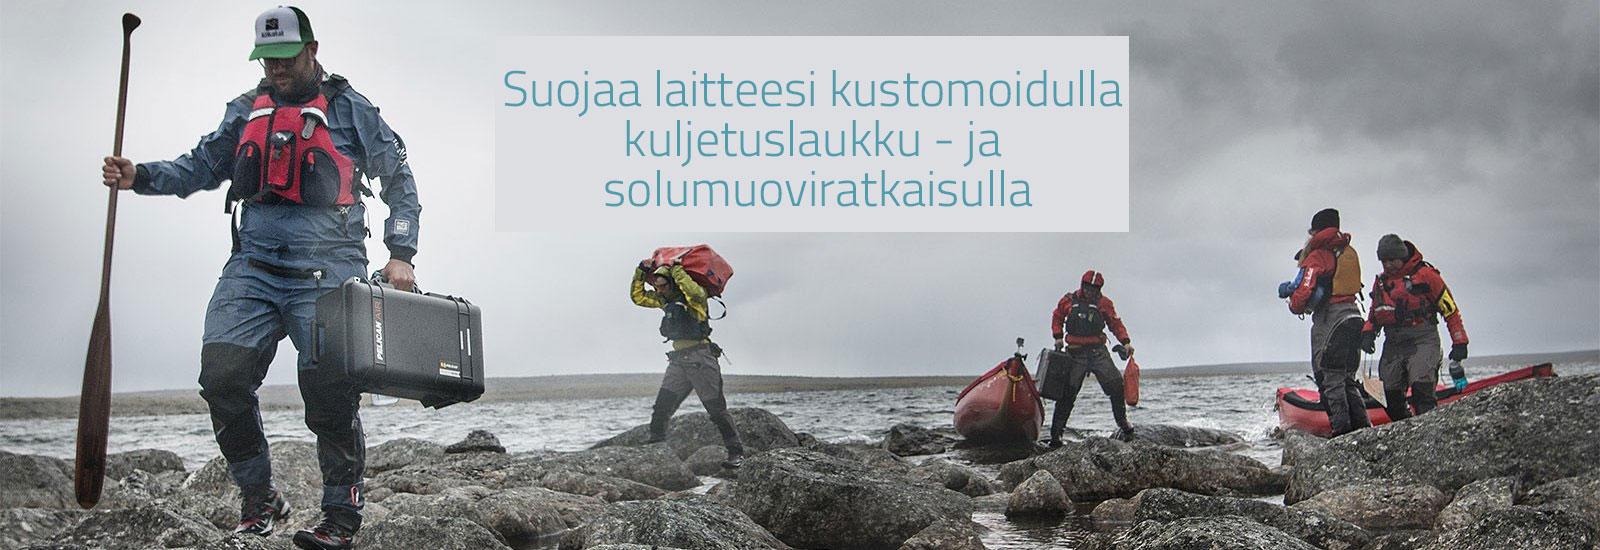 Suomen Kuljetuslaukku